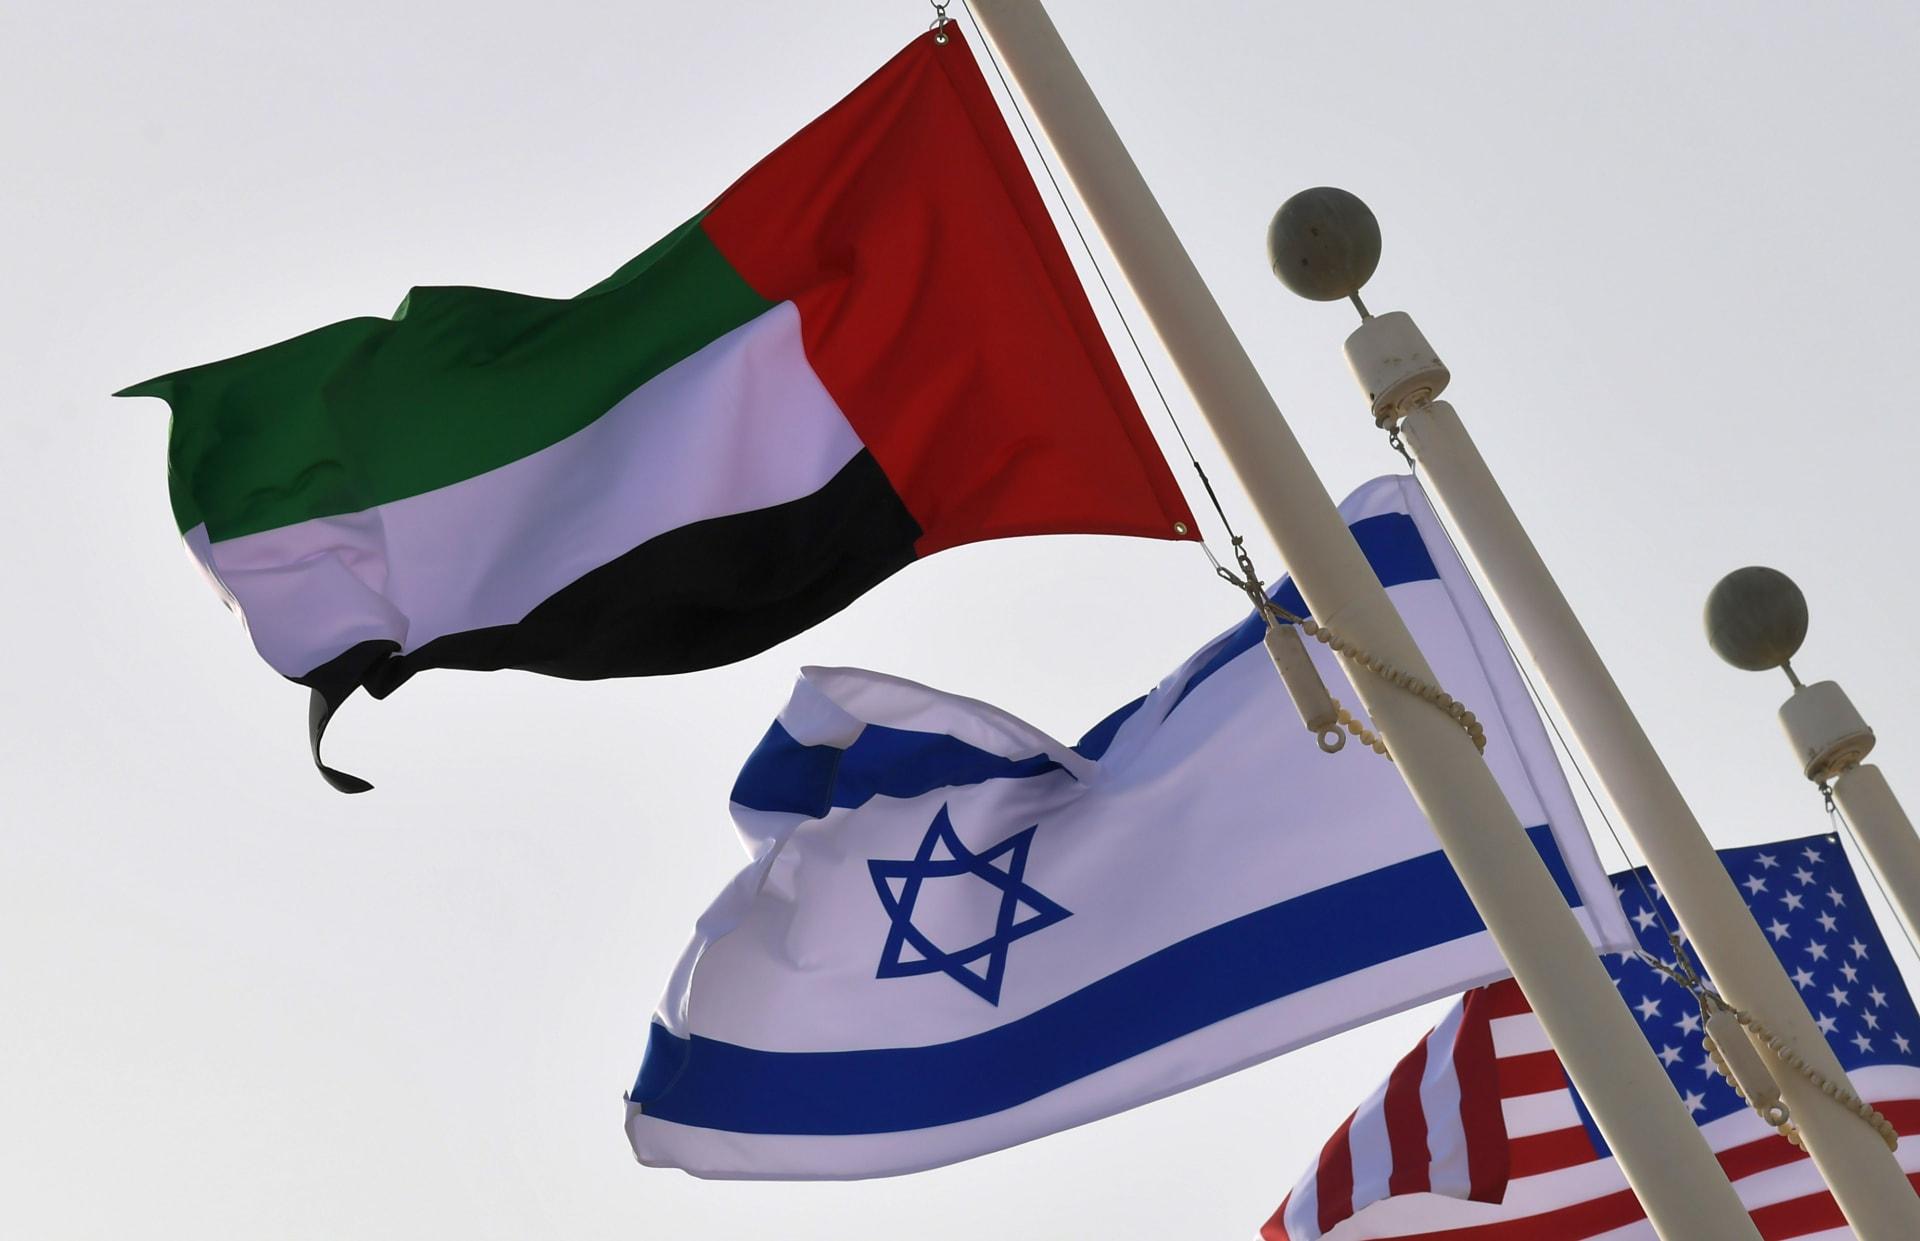 أعلام الإمارات وإسرائيل والولايات المتحدة خلال زيارة الوفدين الأمريكي والإسرائيلي إلى أبوظبي